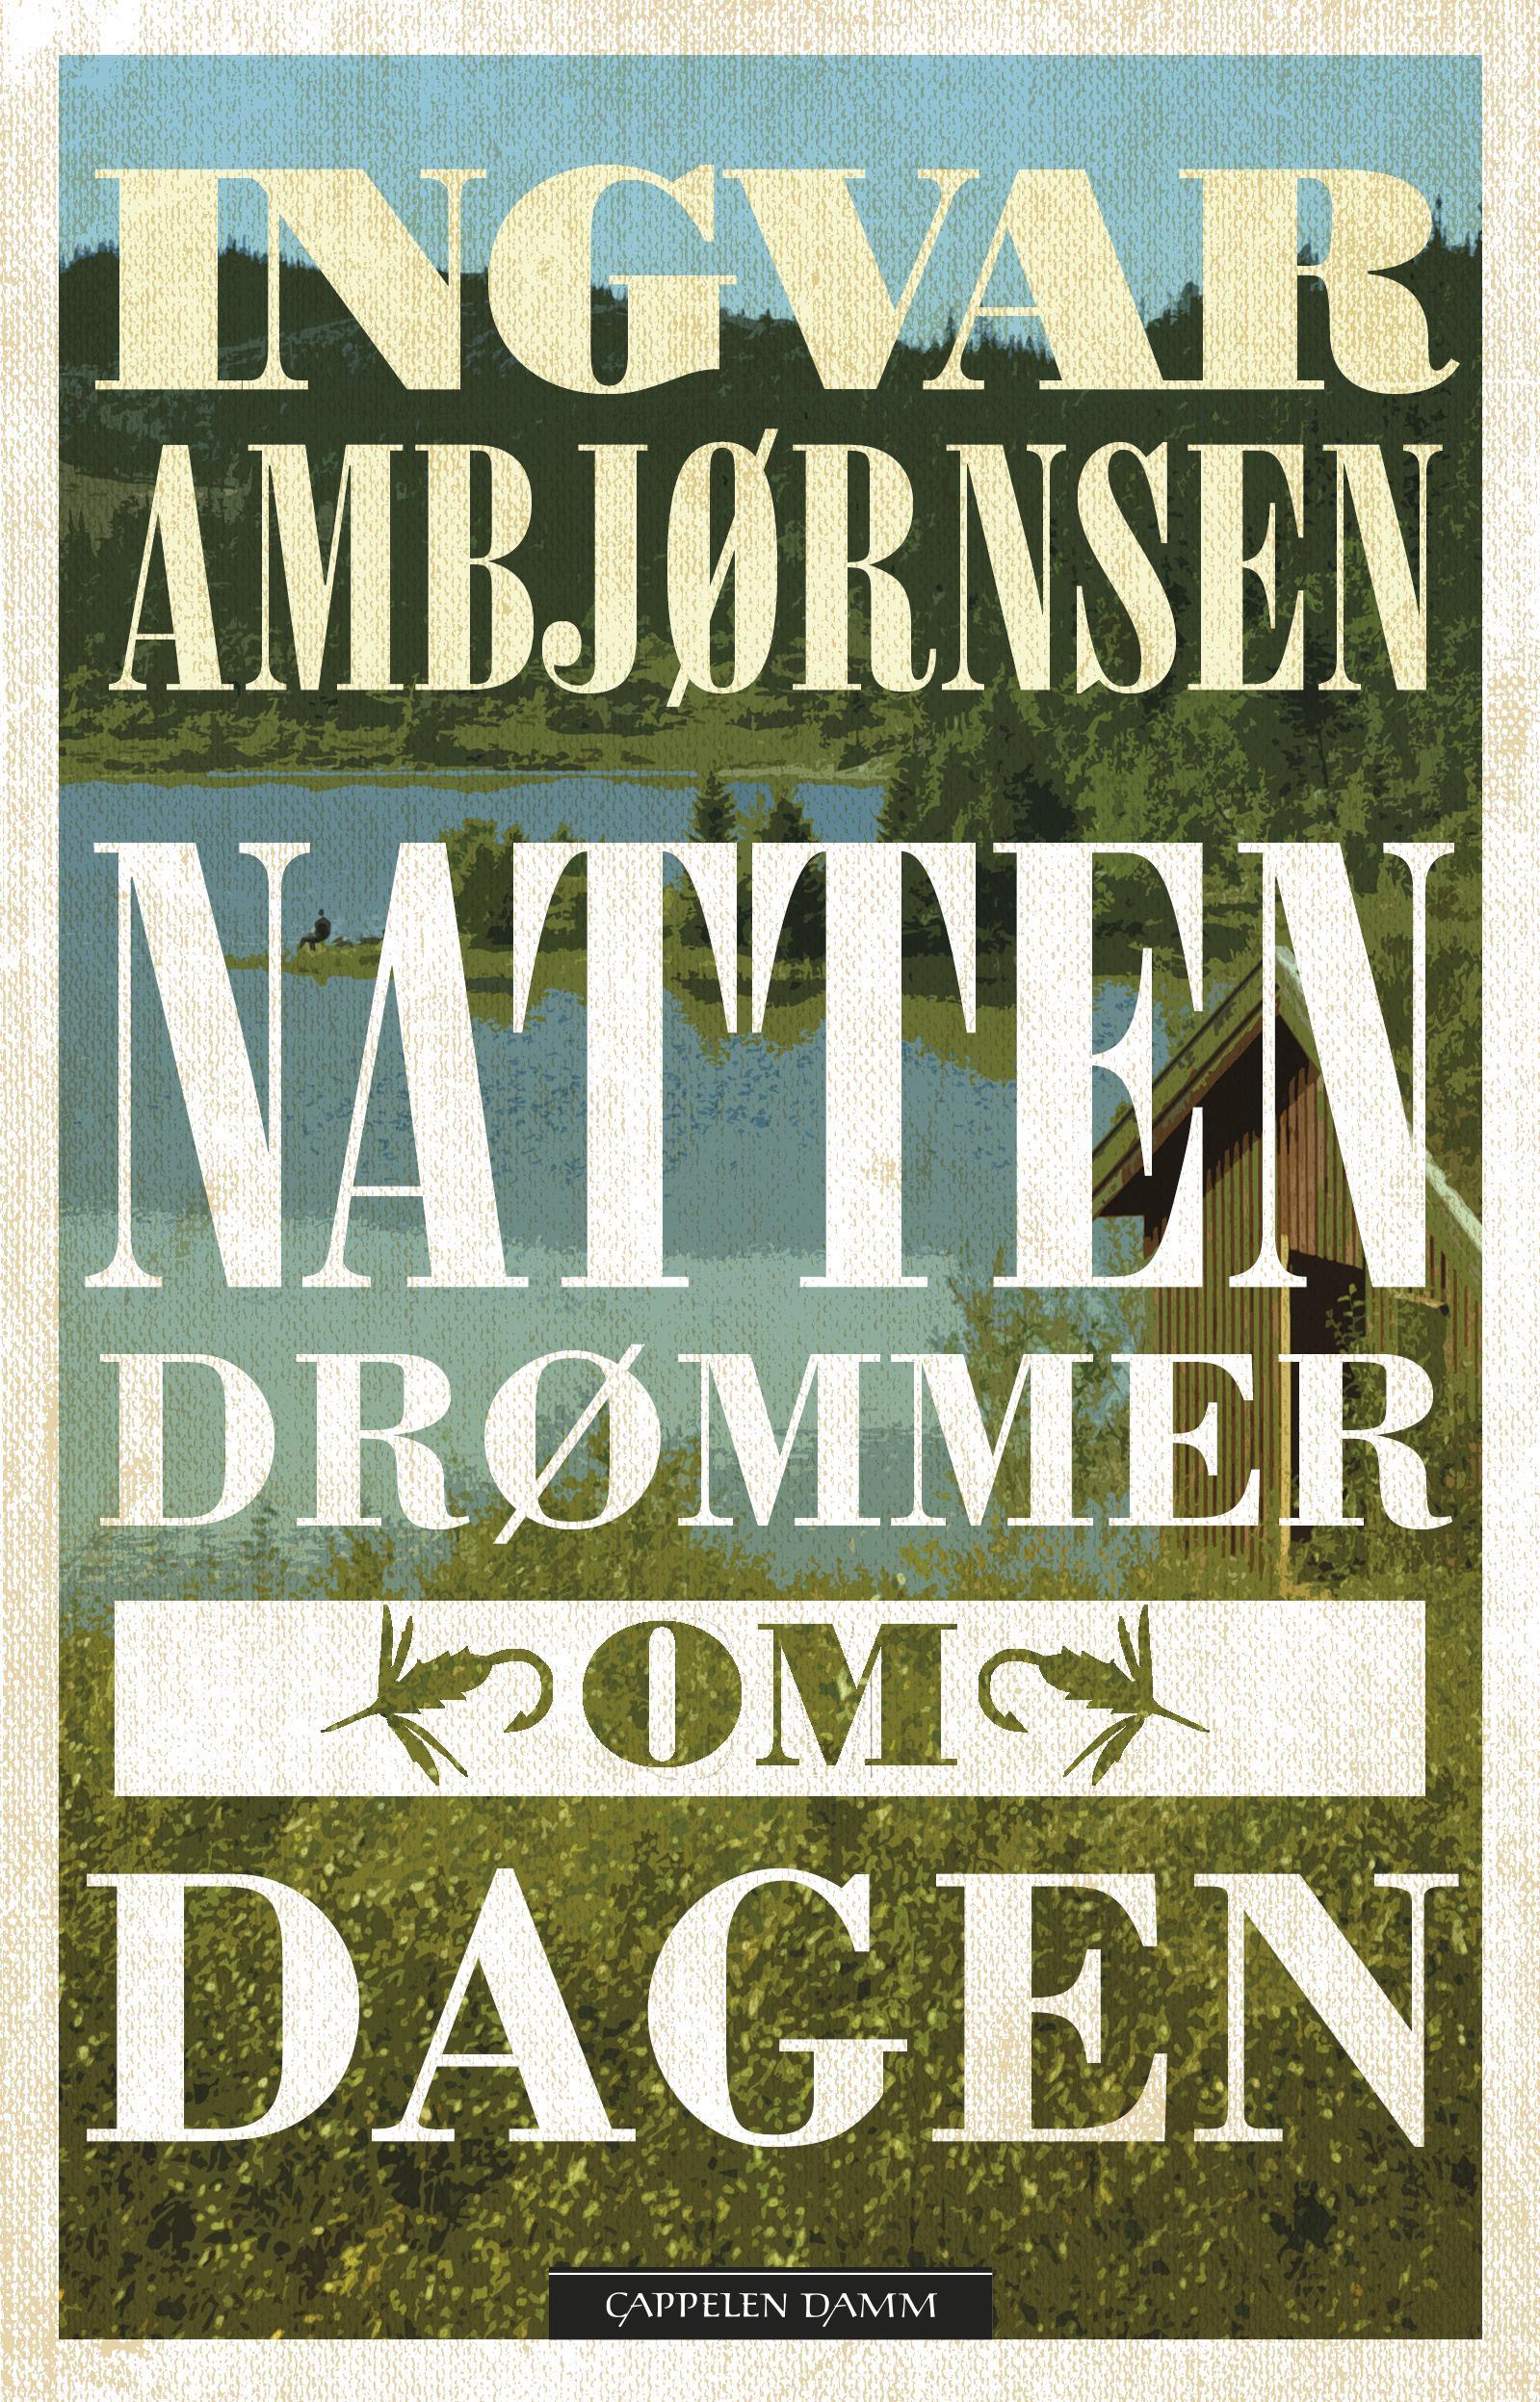 Natten drømmer om dagen : roman